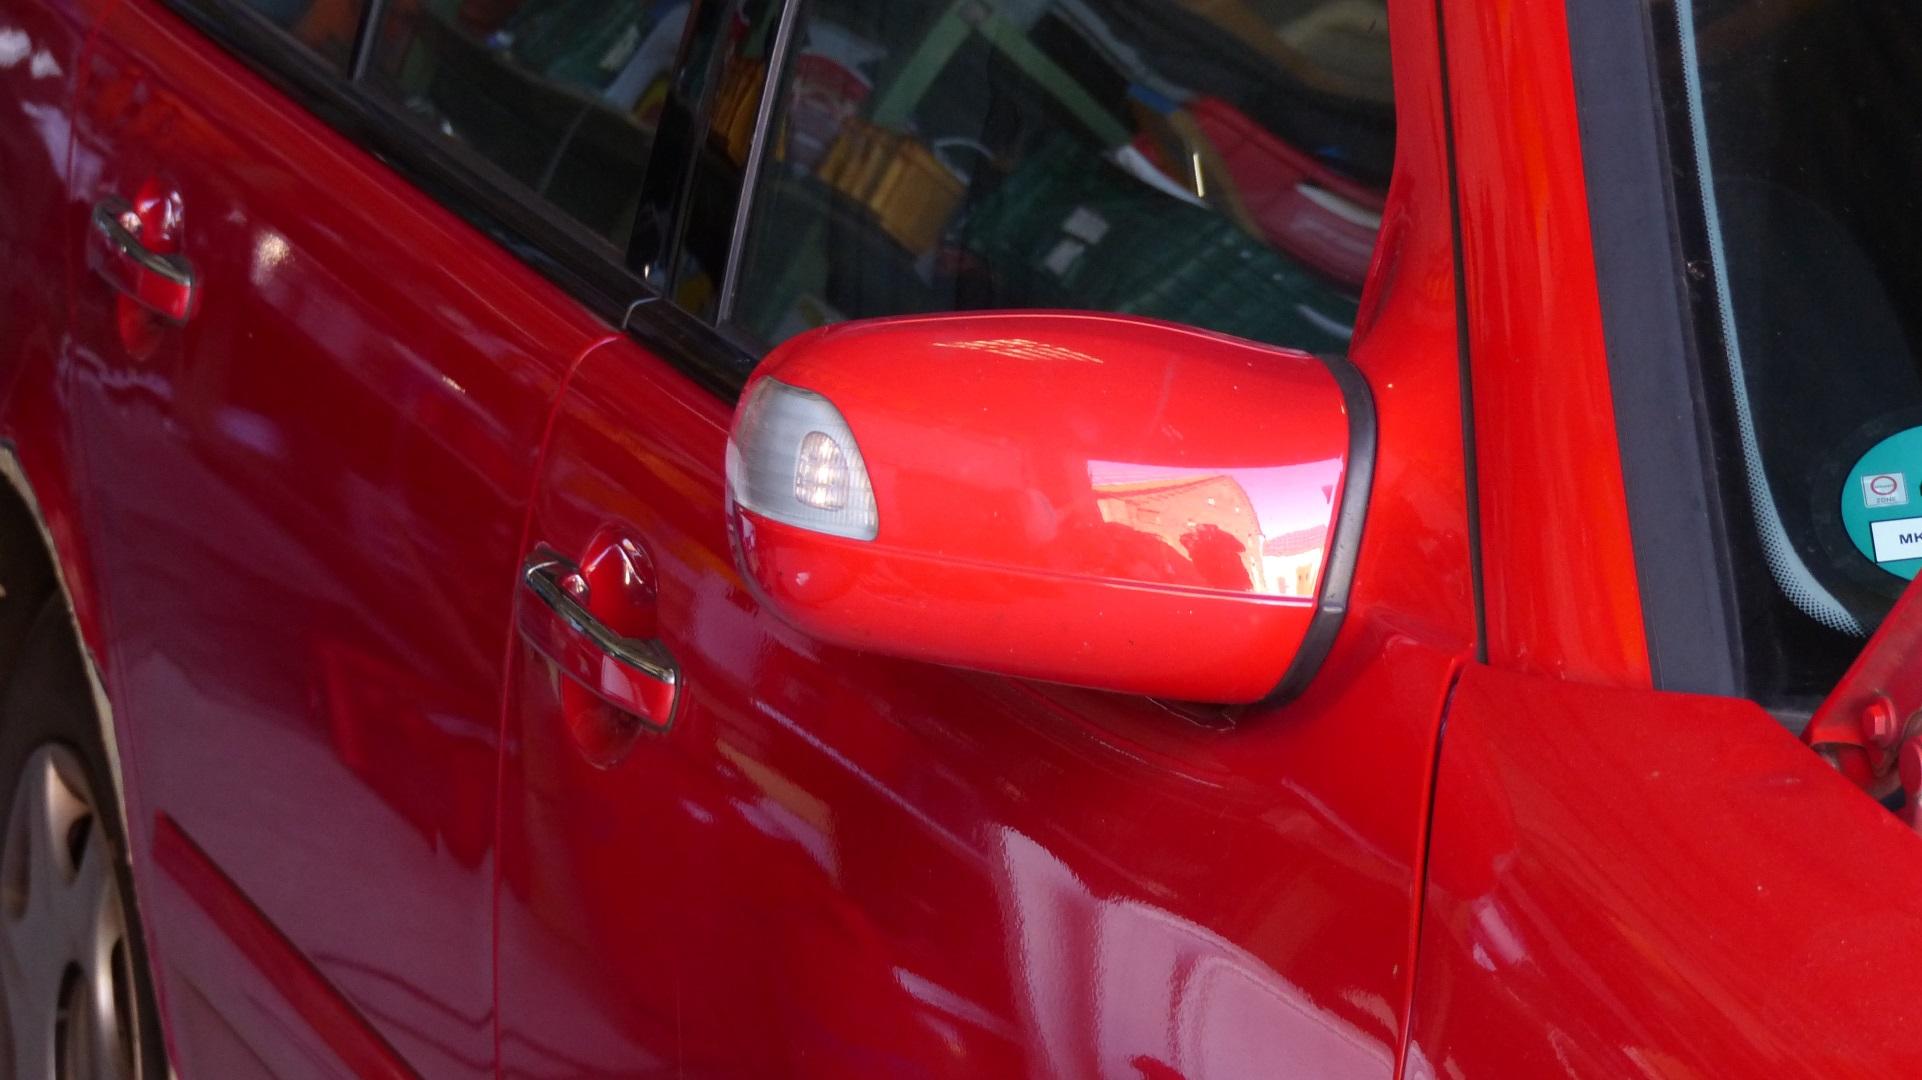 Mercedes E Klasse Kombi Feuerwehr rot